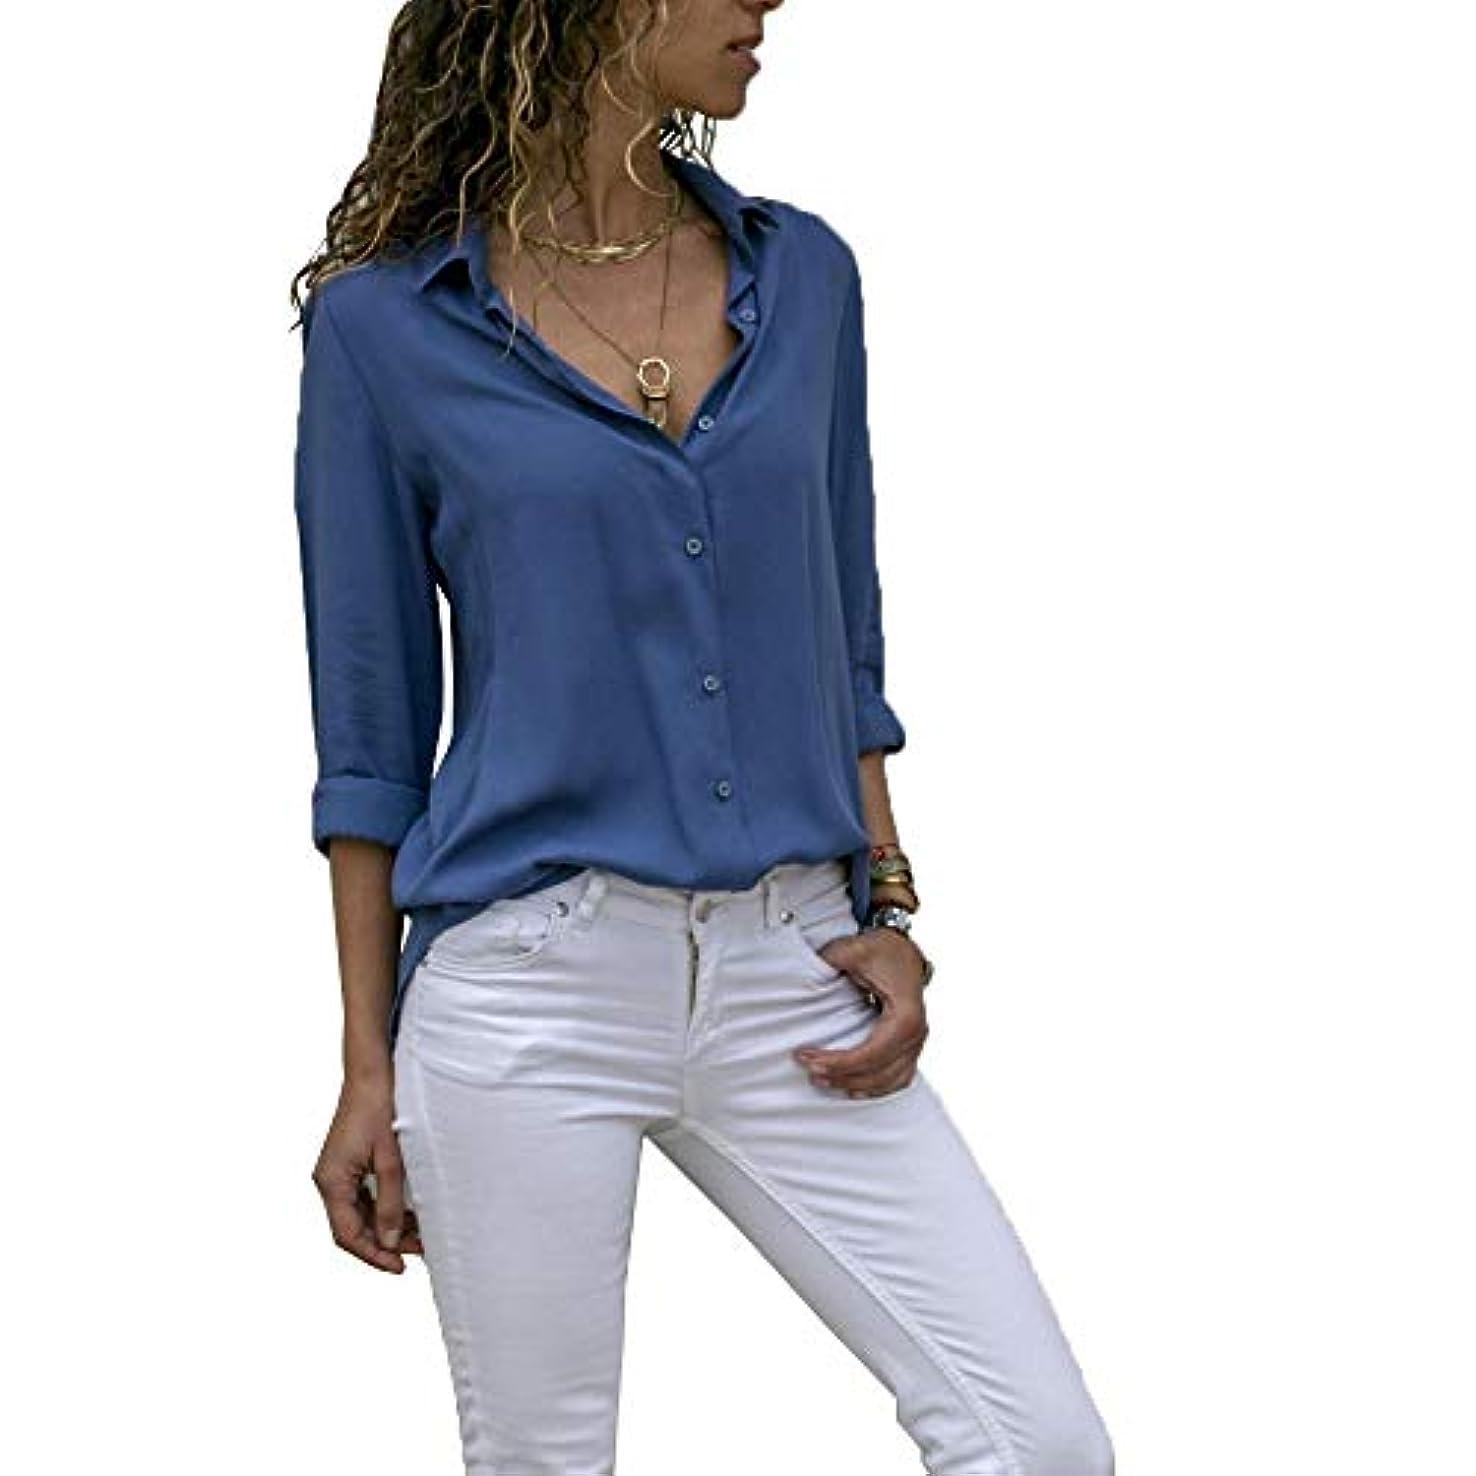 協同凝視繊毛MIFAN ルーズシャツ、トップス&Tシャツ、プラスサイズ、トップス&ブラウス、シフォンブラウス、女性トップス、シフォンシャツ